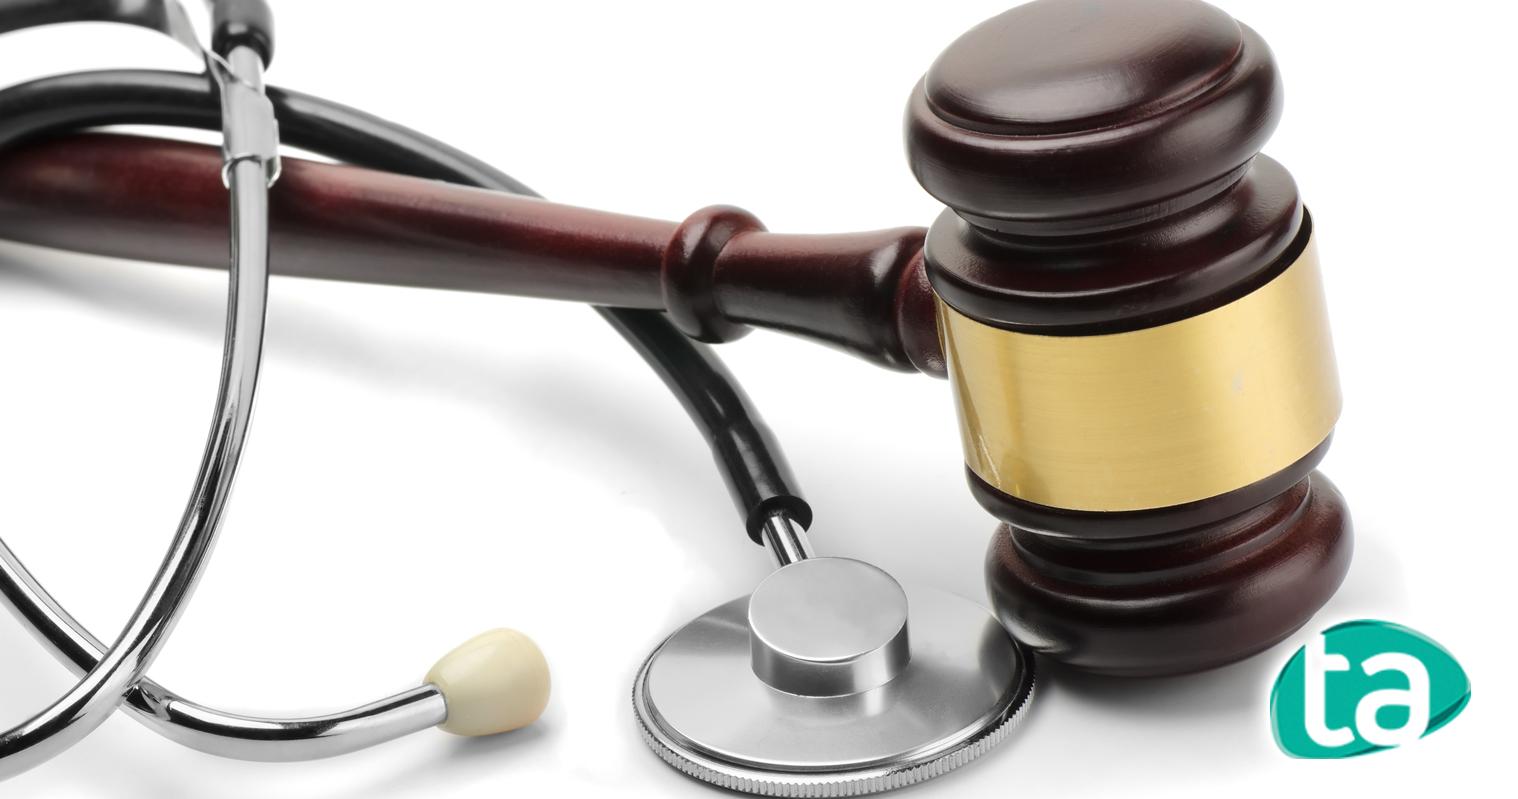 Como Evitar Processos Judiciais em Direito a Saude